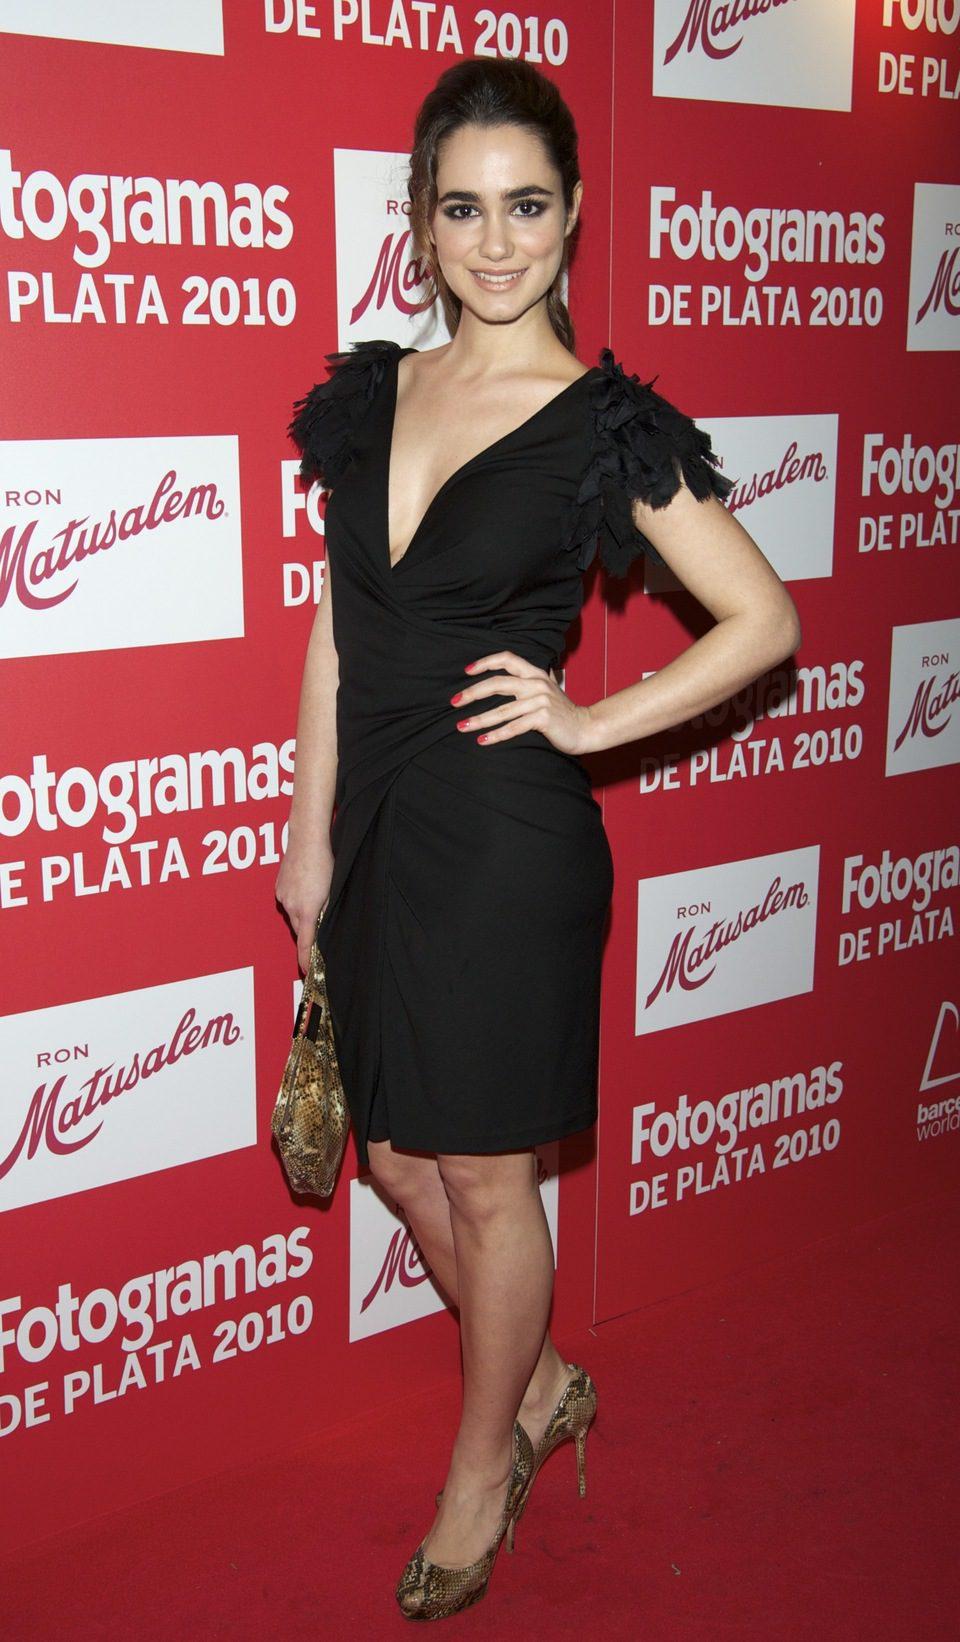 Alicia Sanz en los Fotogramas 2010